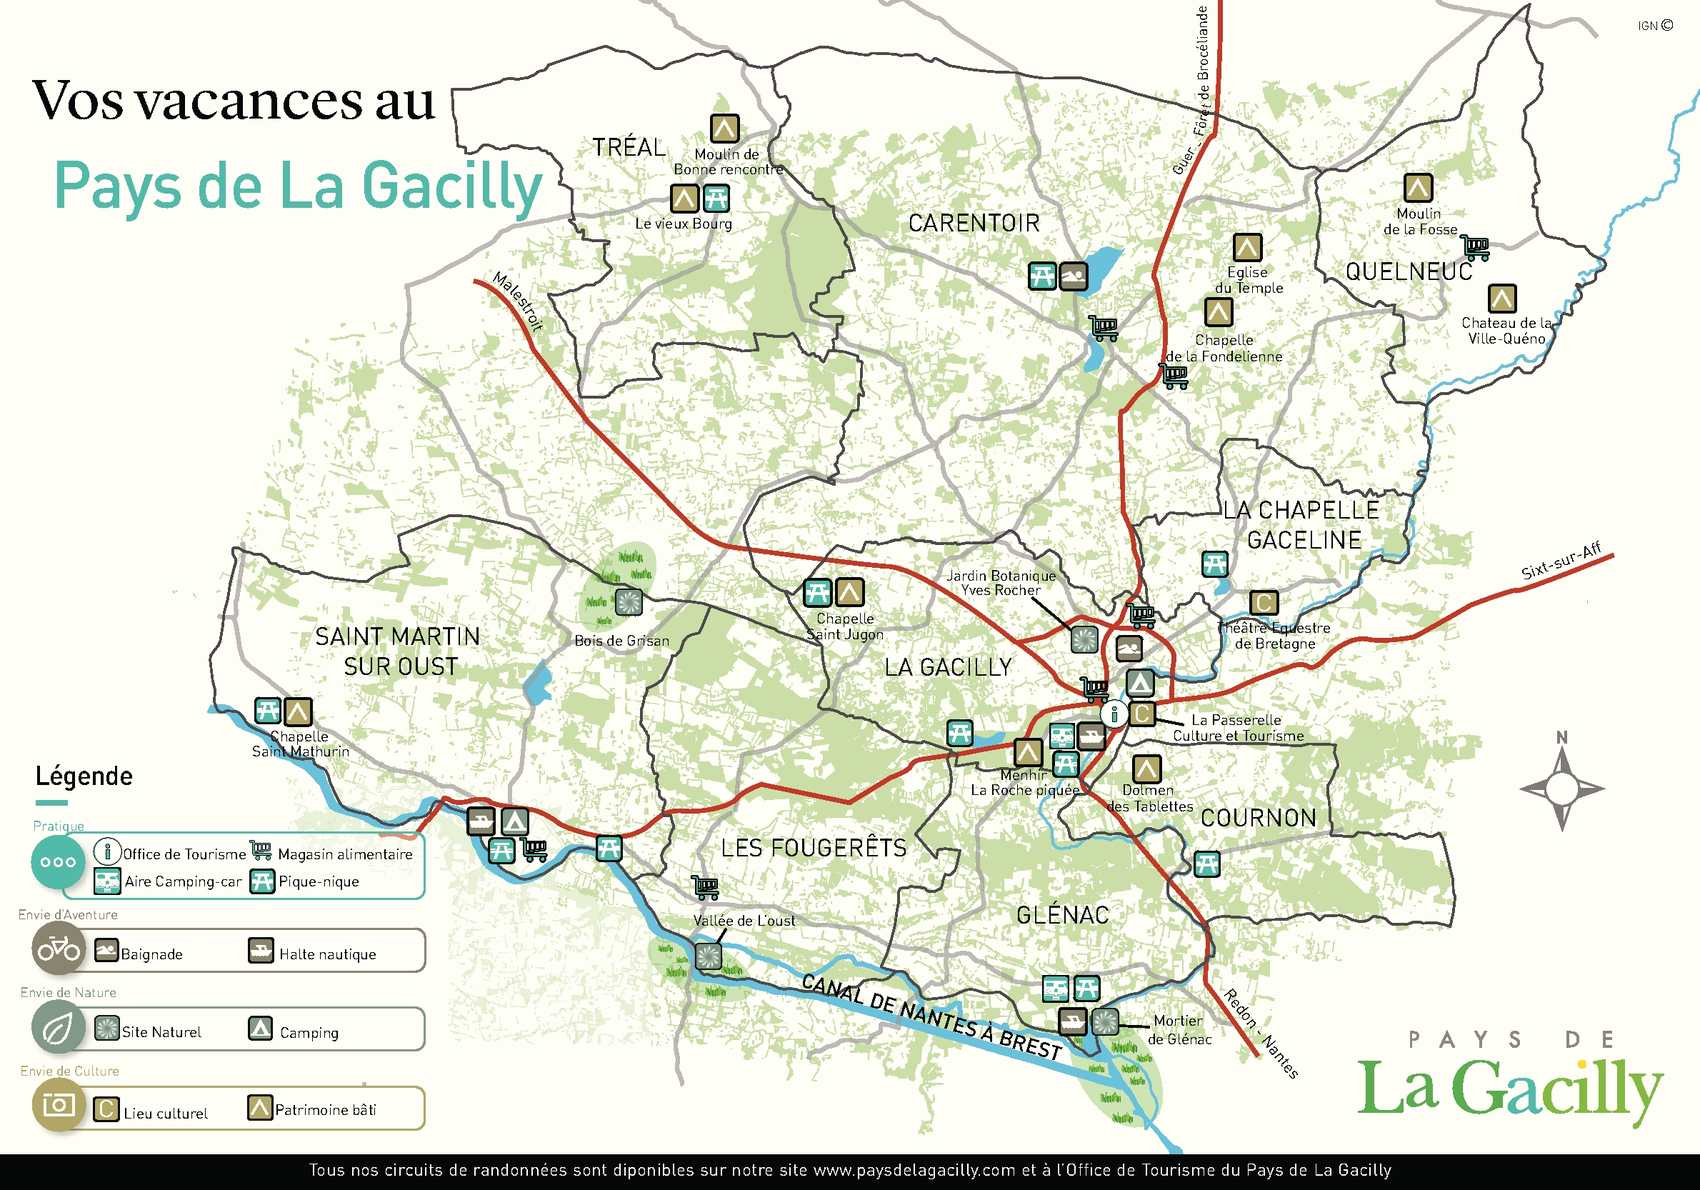 Carte Bretagne La Gacilly.Calameo Carte Du Pays De La Gacilly